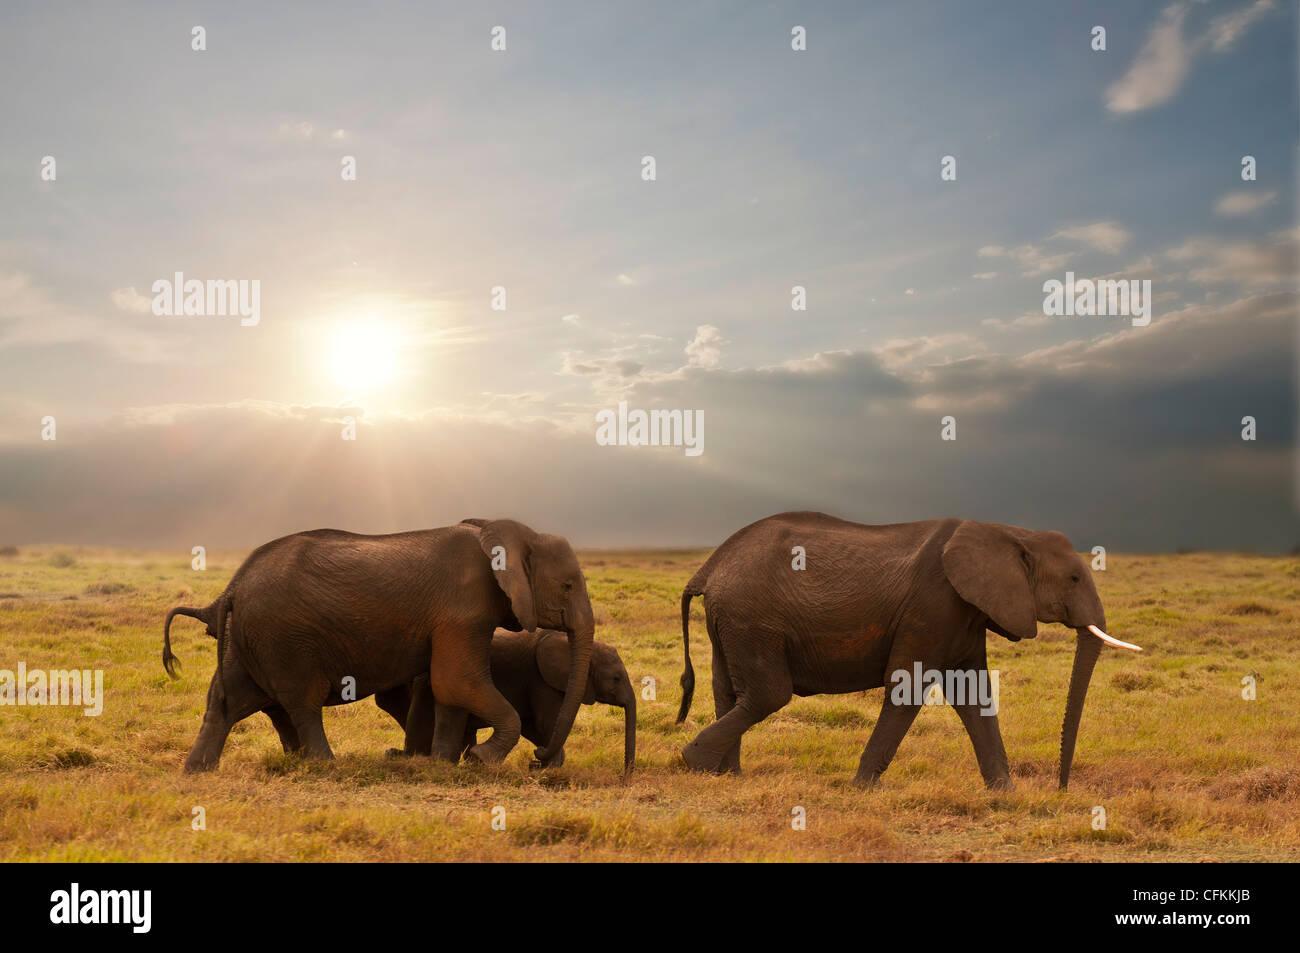 Famille d'éléphants dans le parc national Amboseli, Kenya Photo Stock